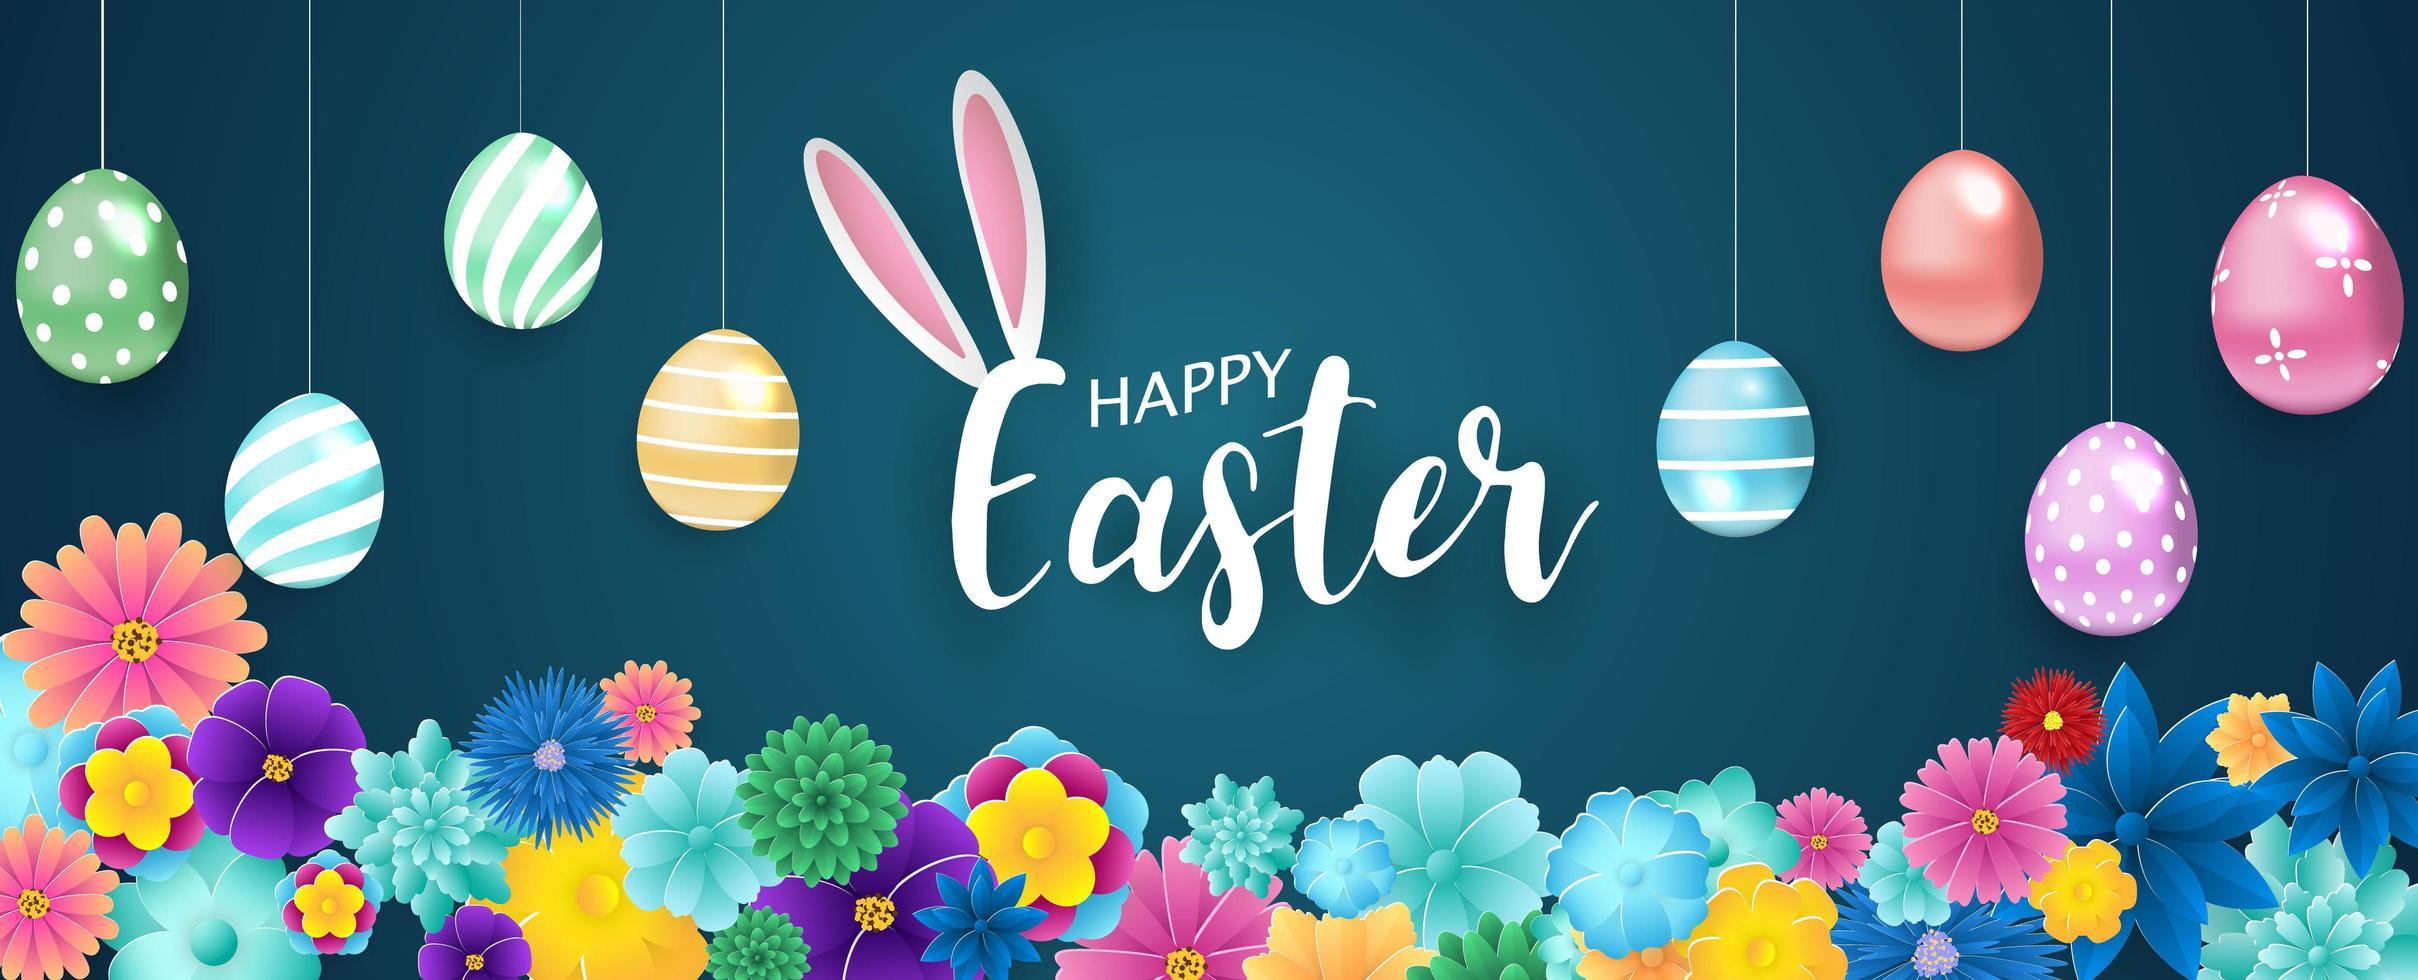 Frohe Ostern Hintergrund mit hängenden Eiern vektor